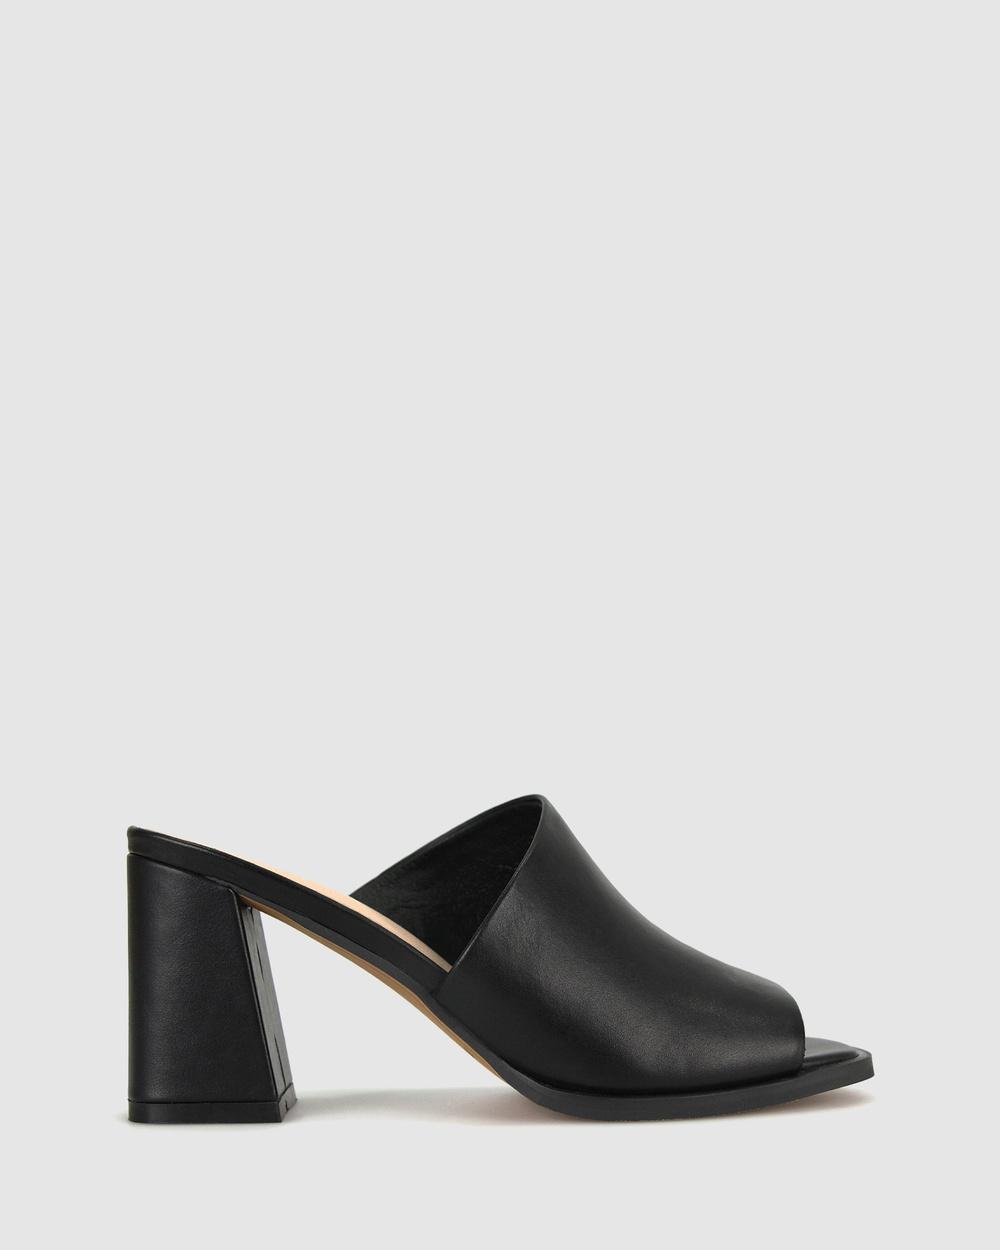 Betts Slick Square Toe Mules Sandals Black